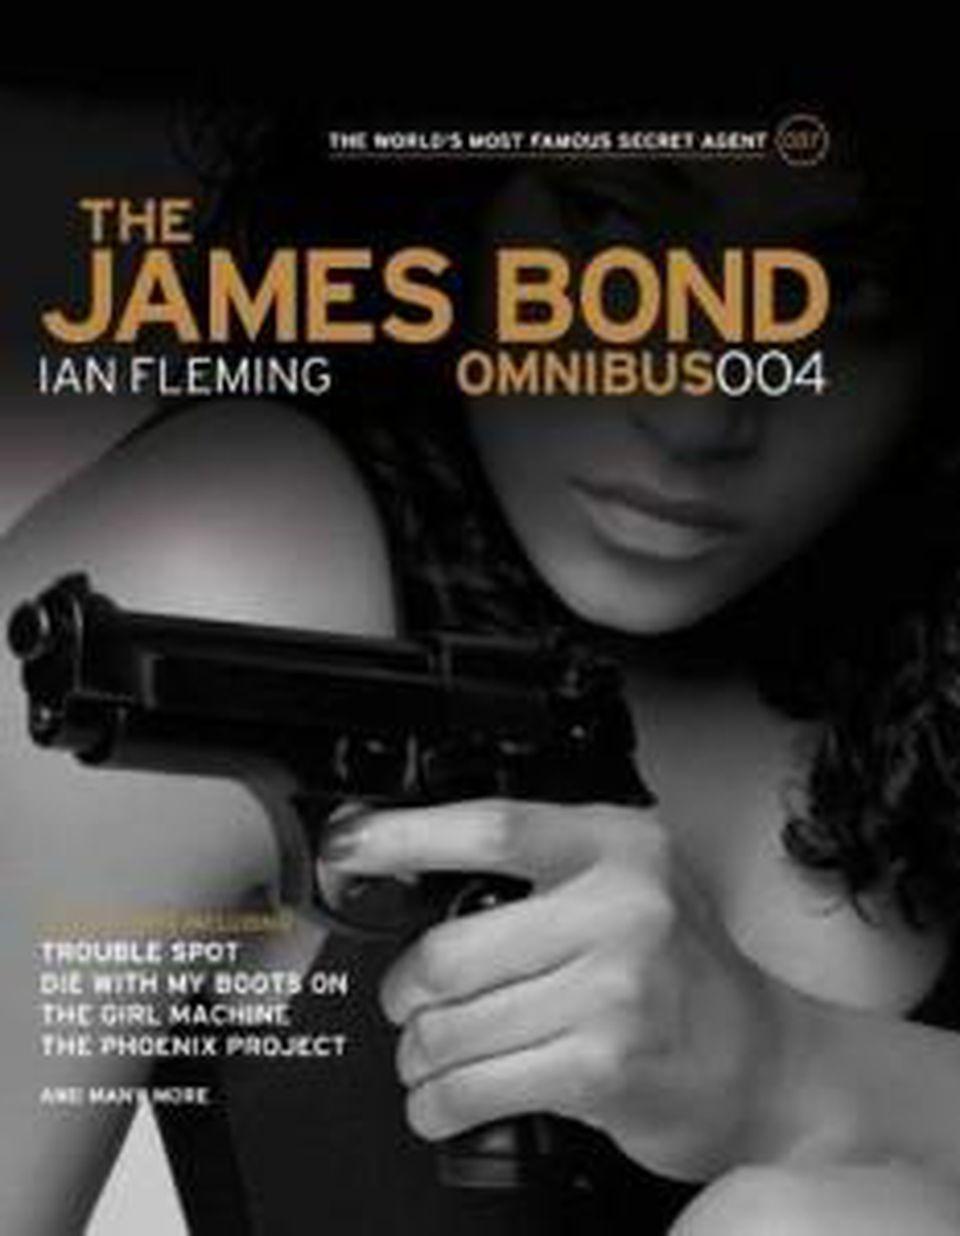 The James Bond Omnibus 004